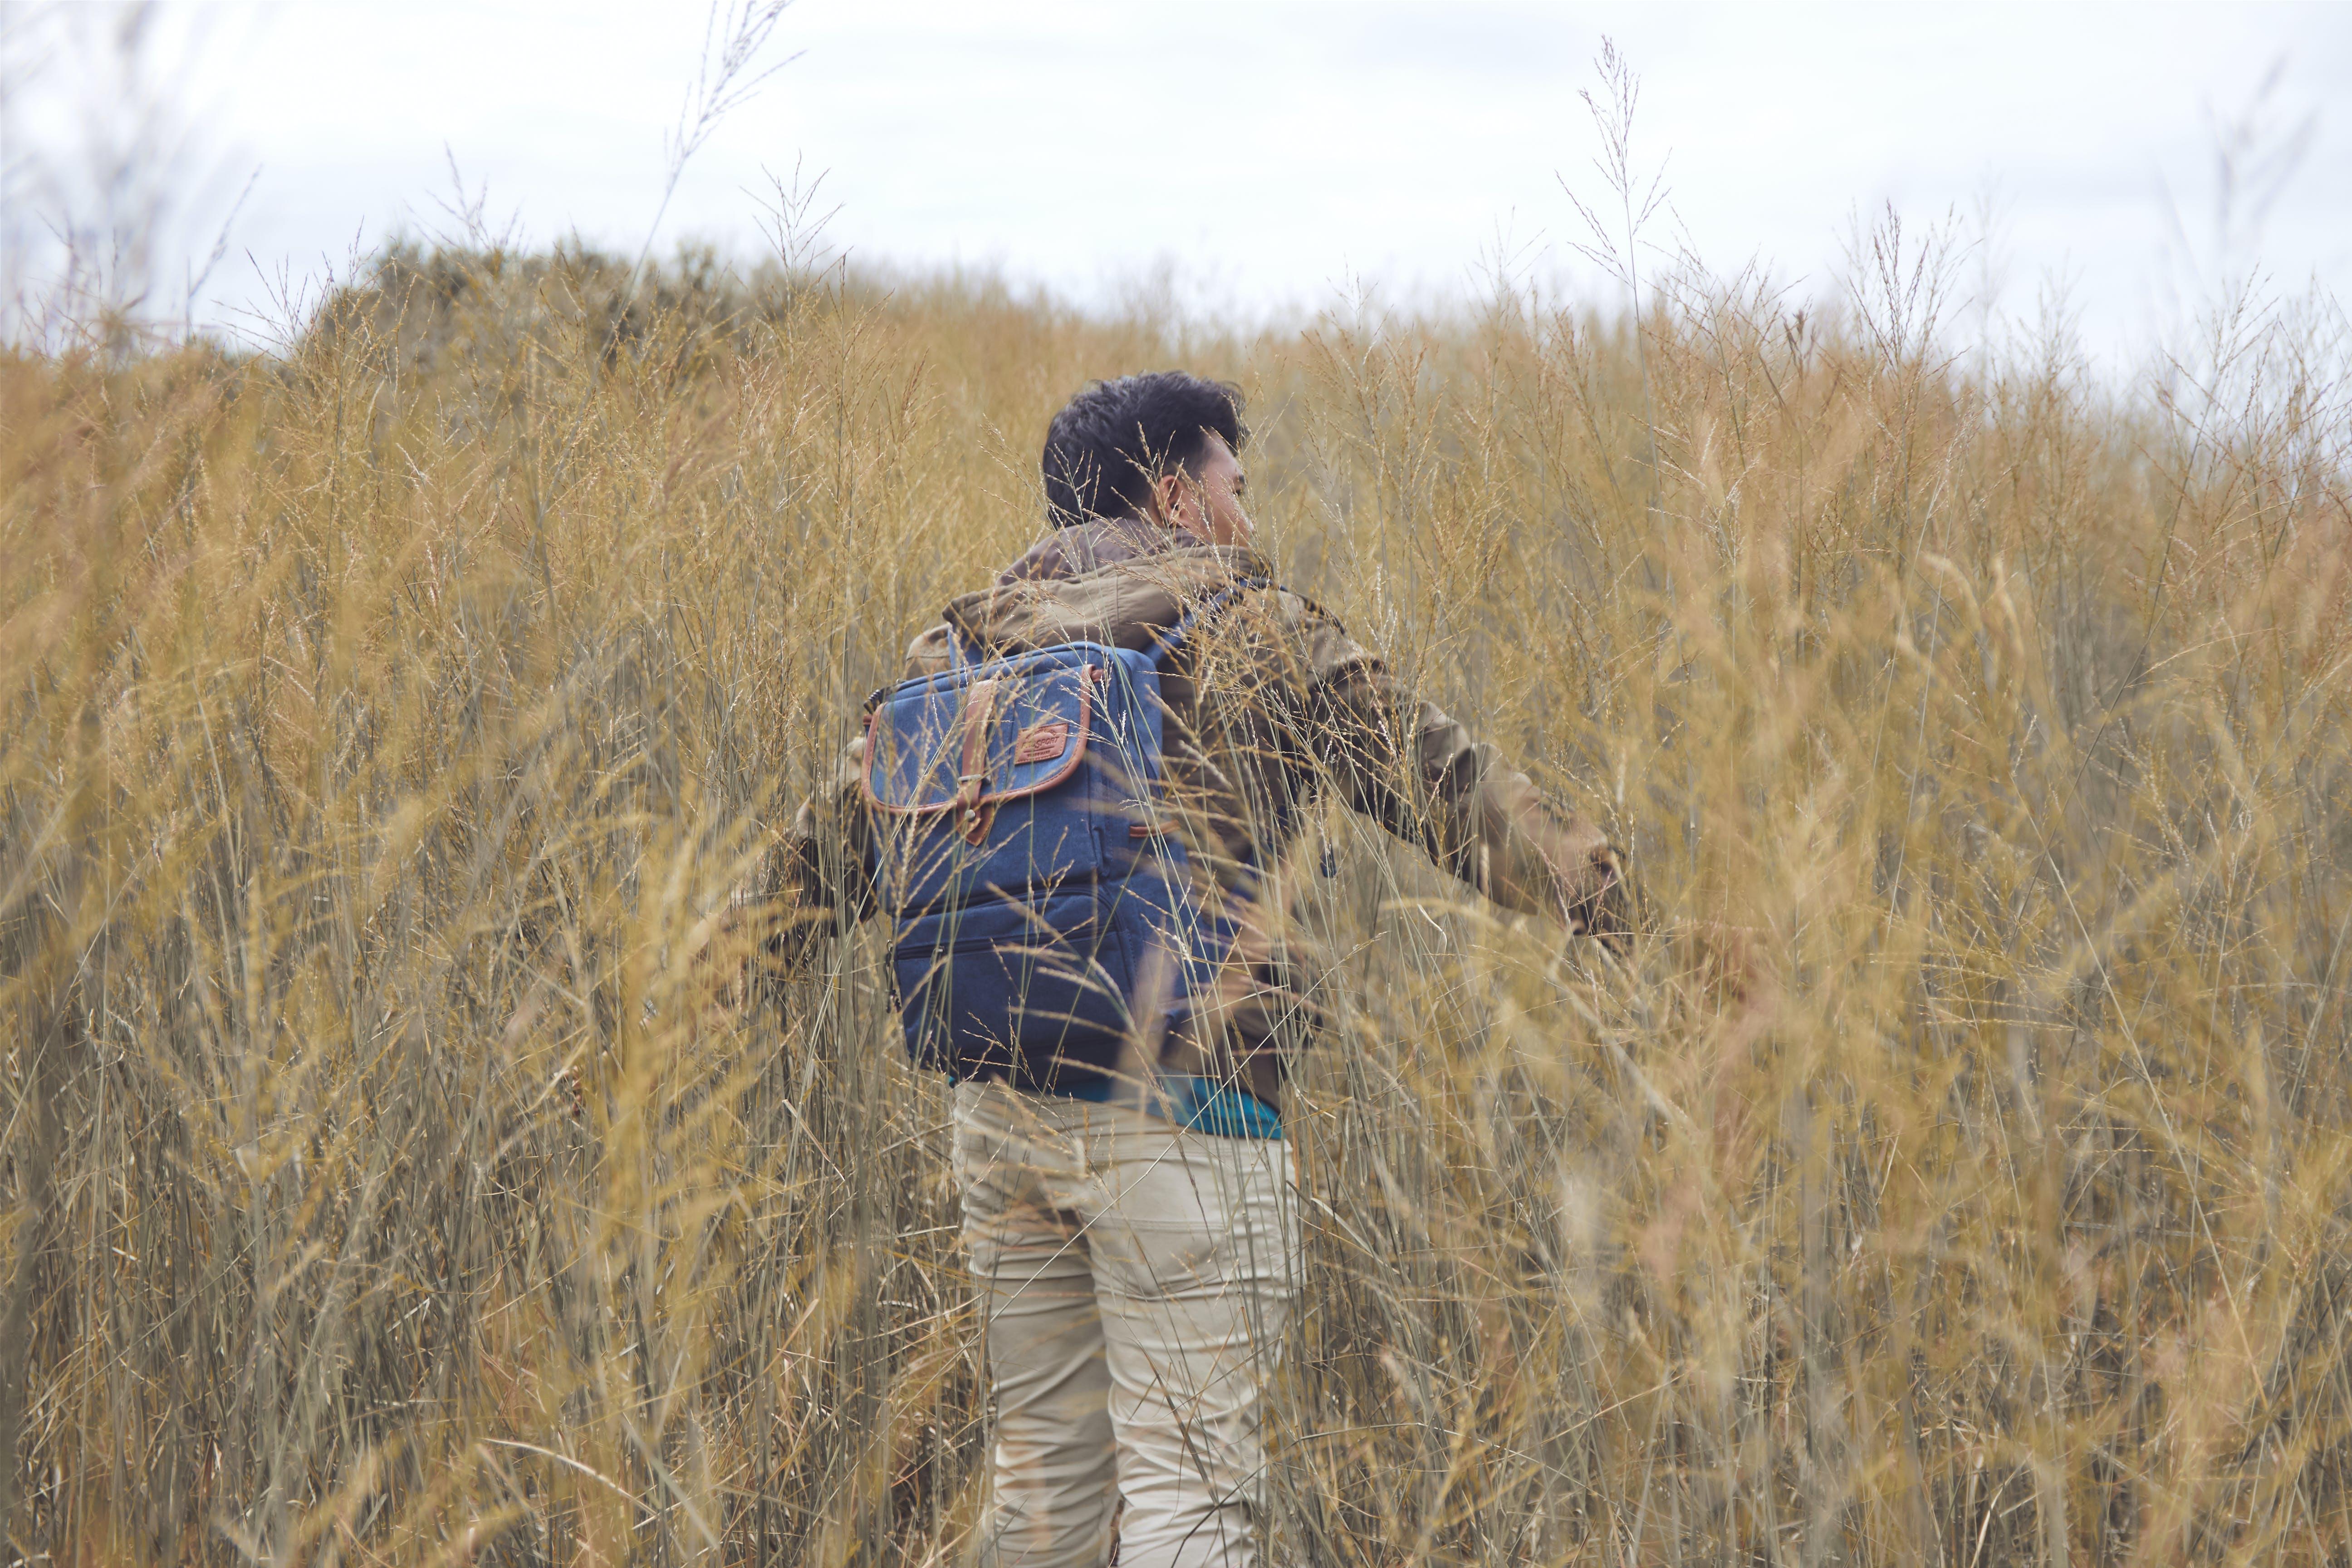 Kostenloses Stock Foto zu landschaft, natur, mann, person